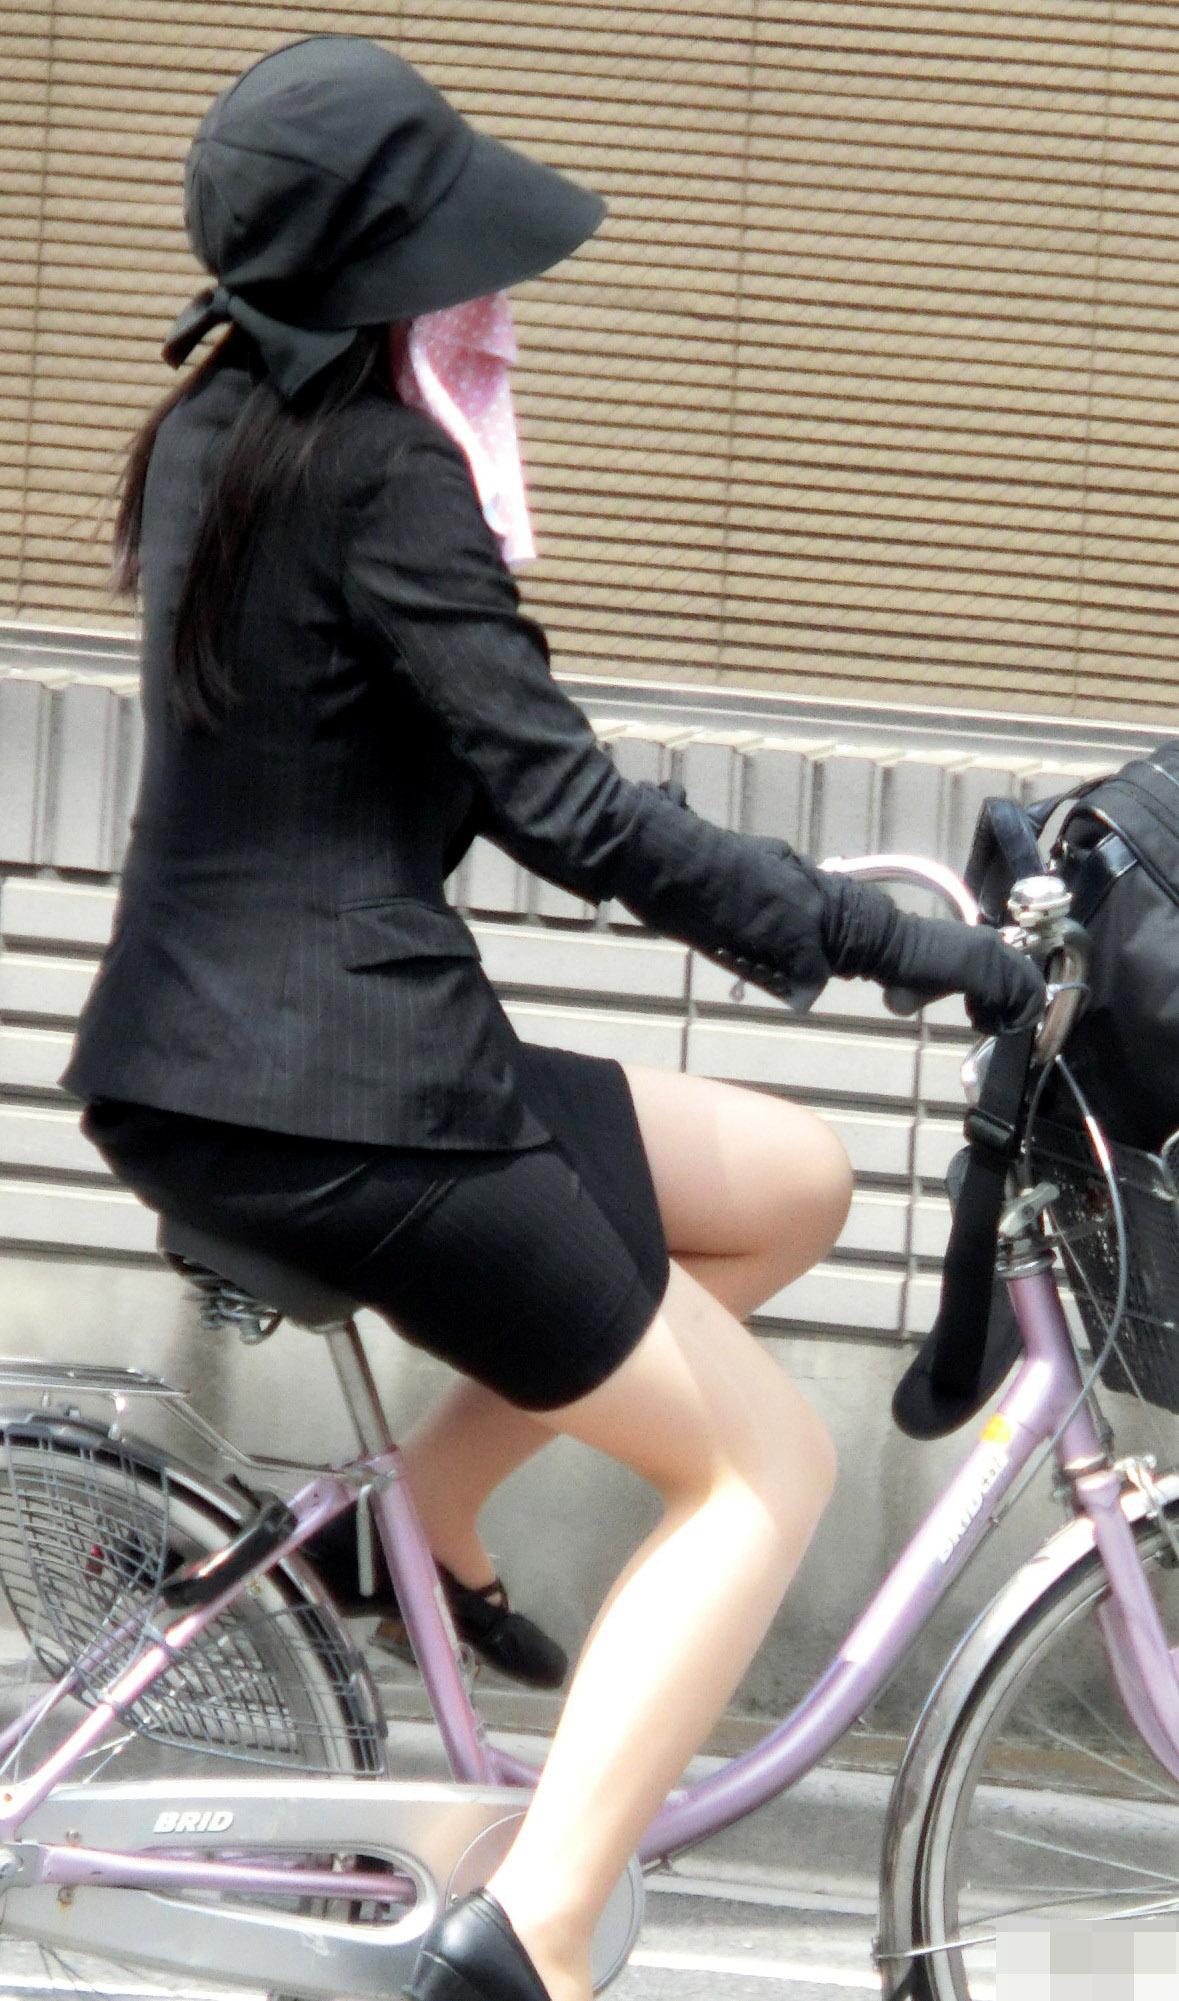 自転車に乗ったOLのパンチラGETの瞬間エロ画像11枚目